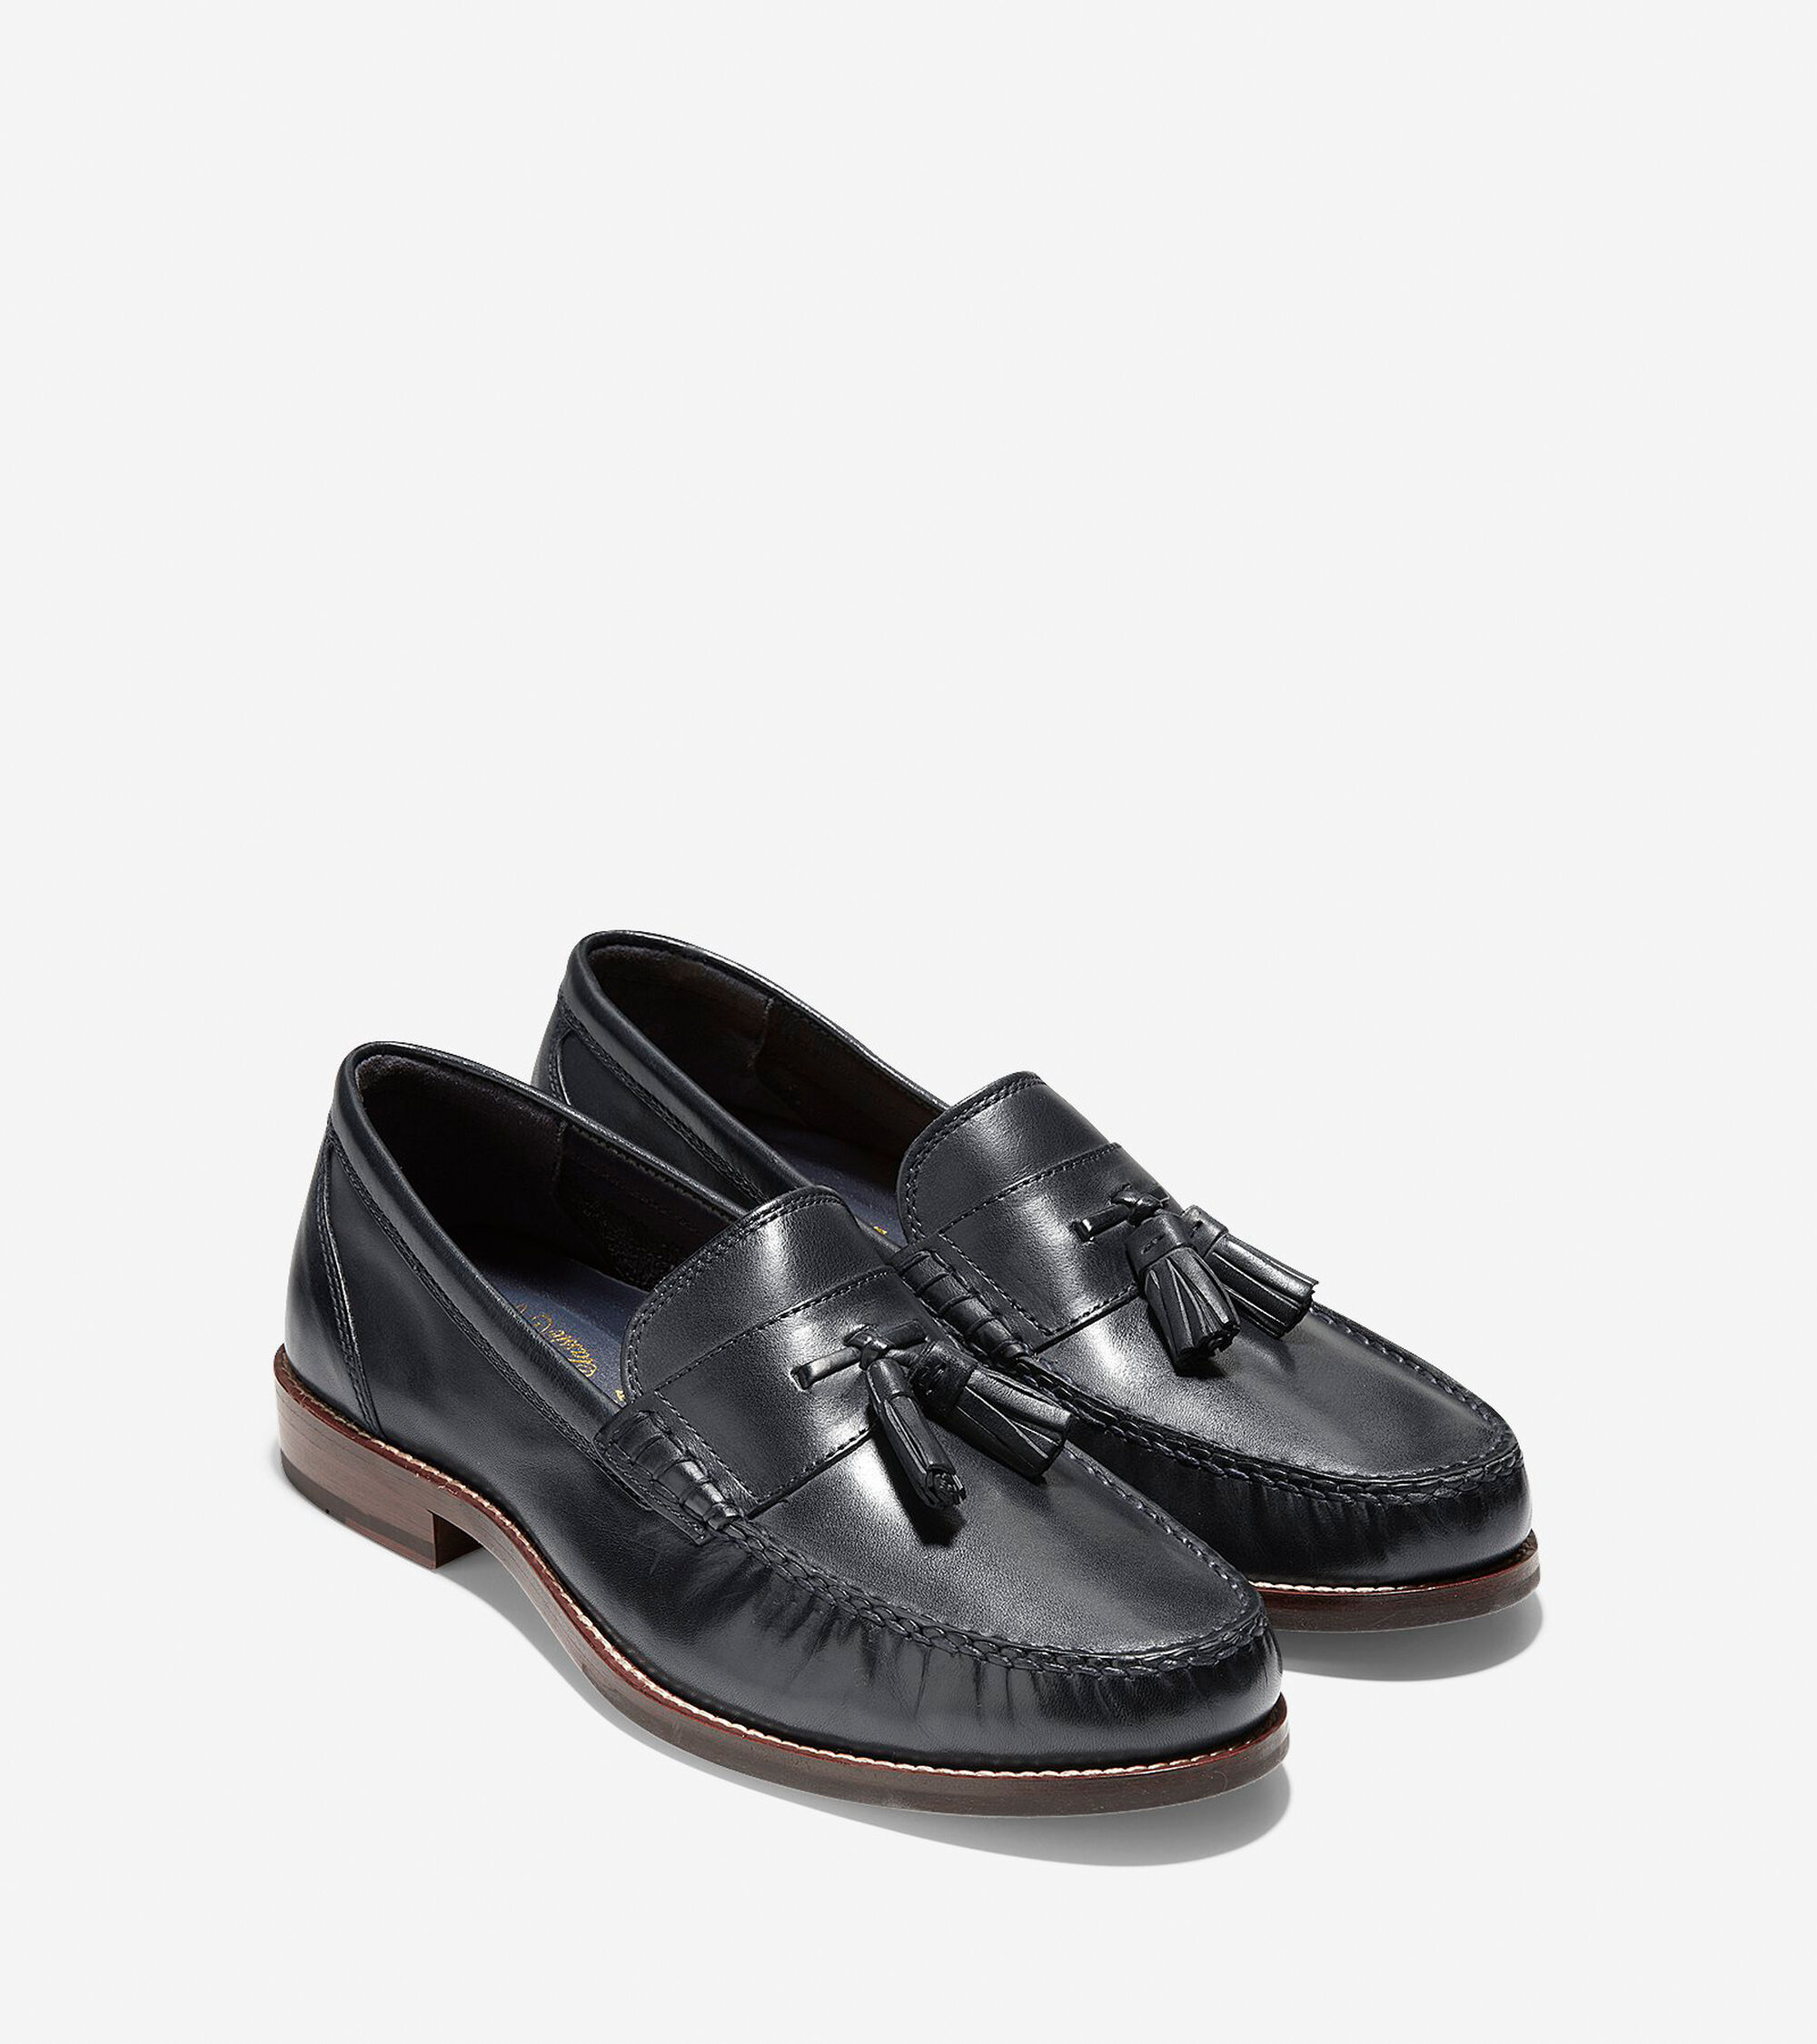 3064b0ba3c72f ... Men s Pinch Grand Classic Tassel Loafer · Men s Pinch Grand Classic  Tassel Loafer.  COLEHAAN